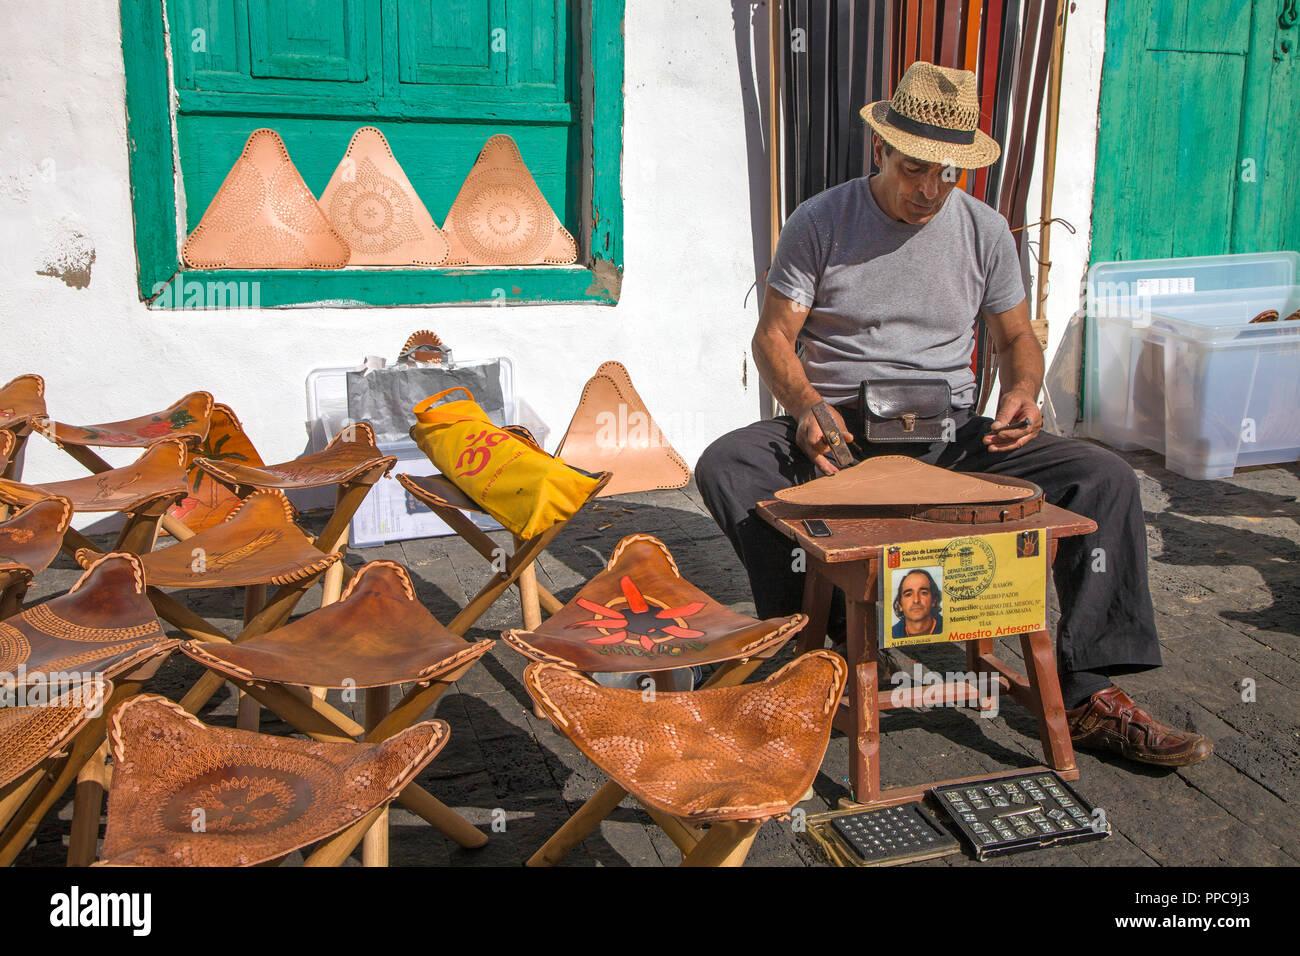 Handwerker fertigt Klappstühle mit Leder Pads, wöchentliche Sonntag Markt in Teguise, Lanzarote, Kanarische Inseln, Spanien Stockbild